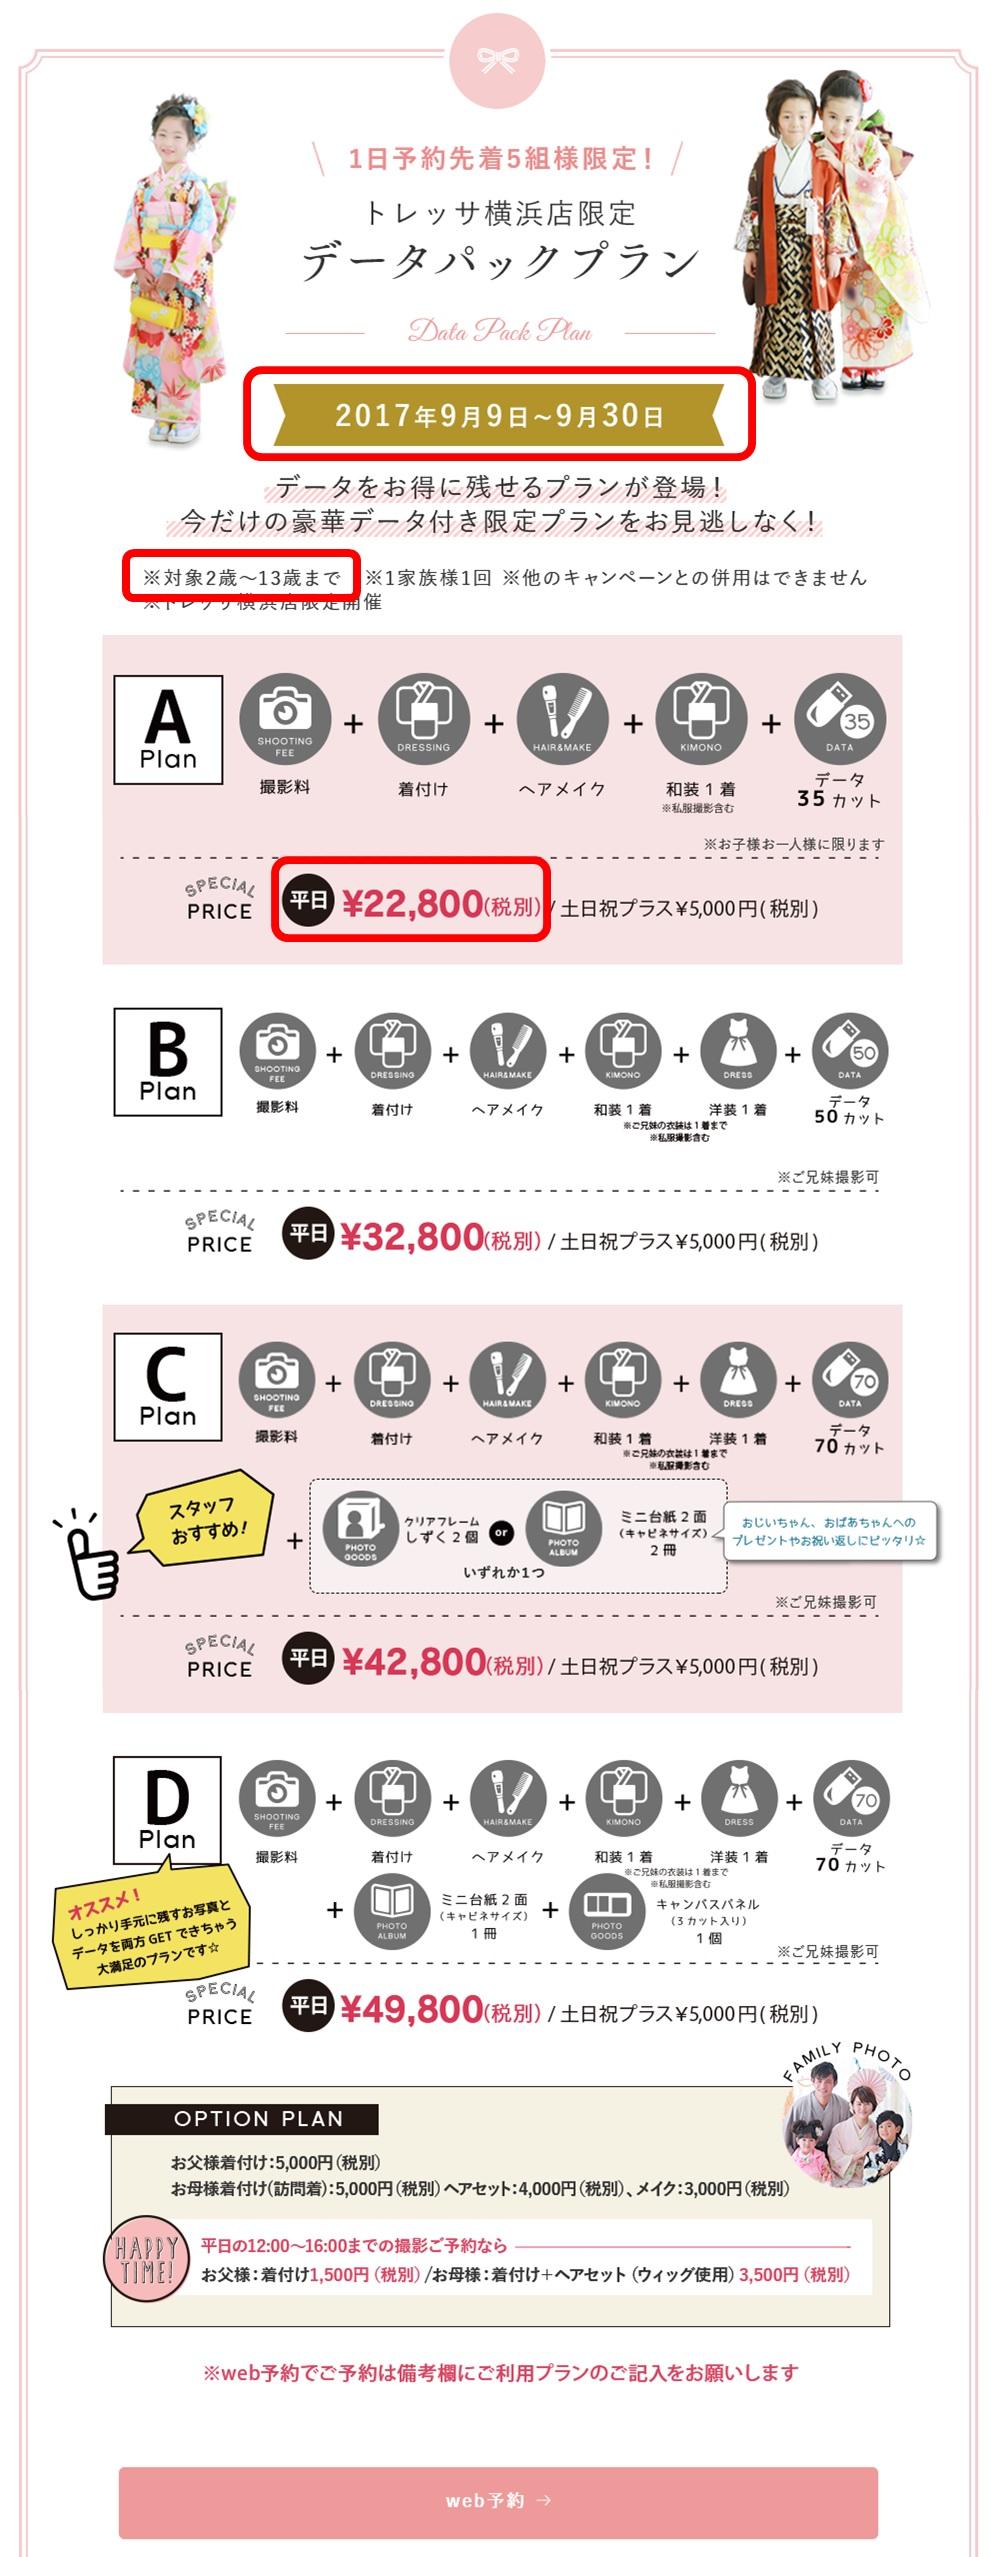 トレッサ横浜店限定キャンペーンの詳細(料金表)イメージ画像